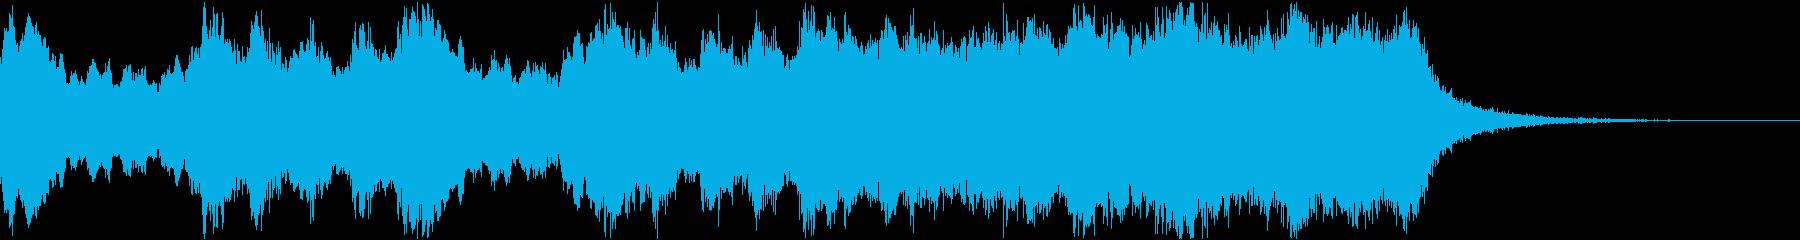 大編成の煌びやかなファンファーレの再生済みの波形